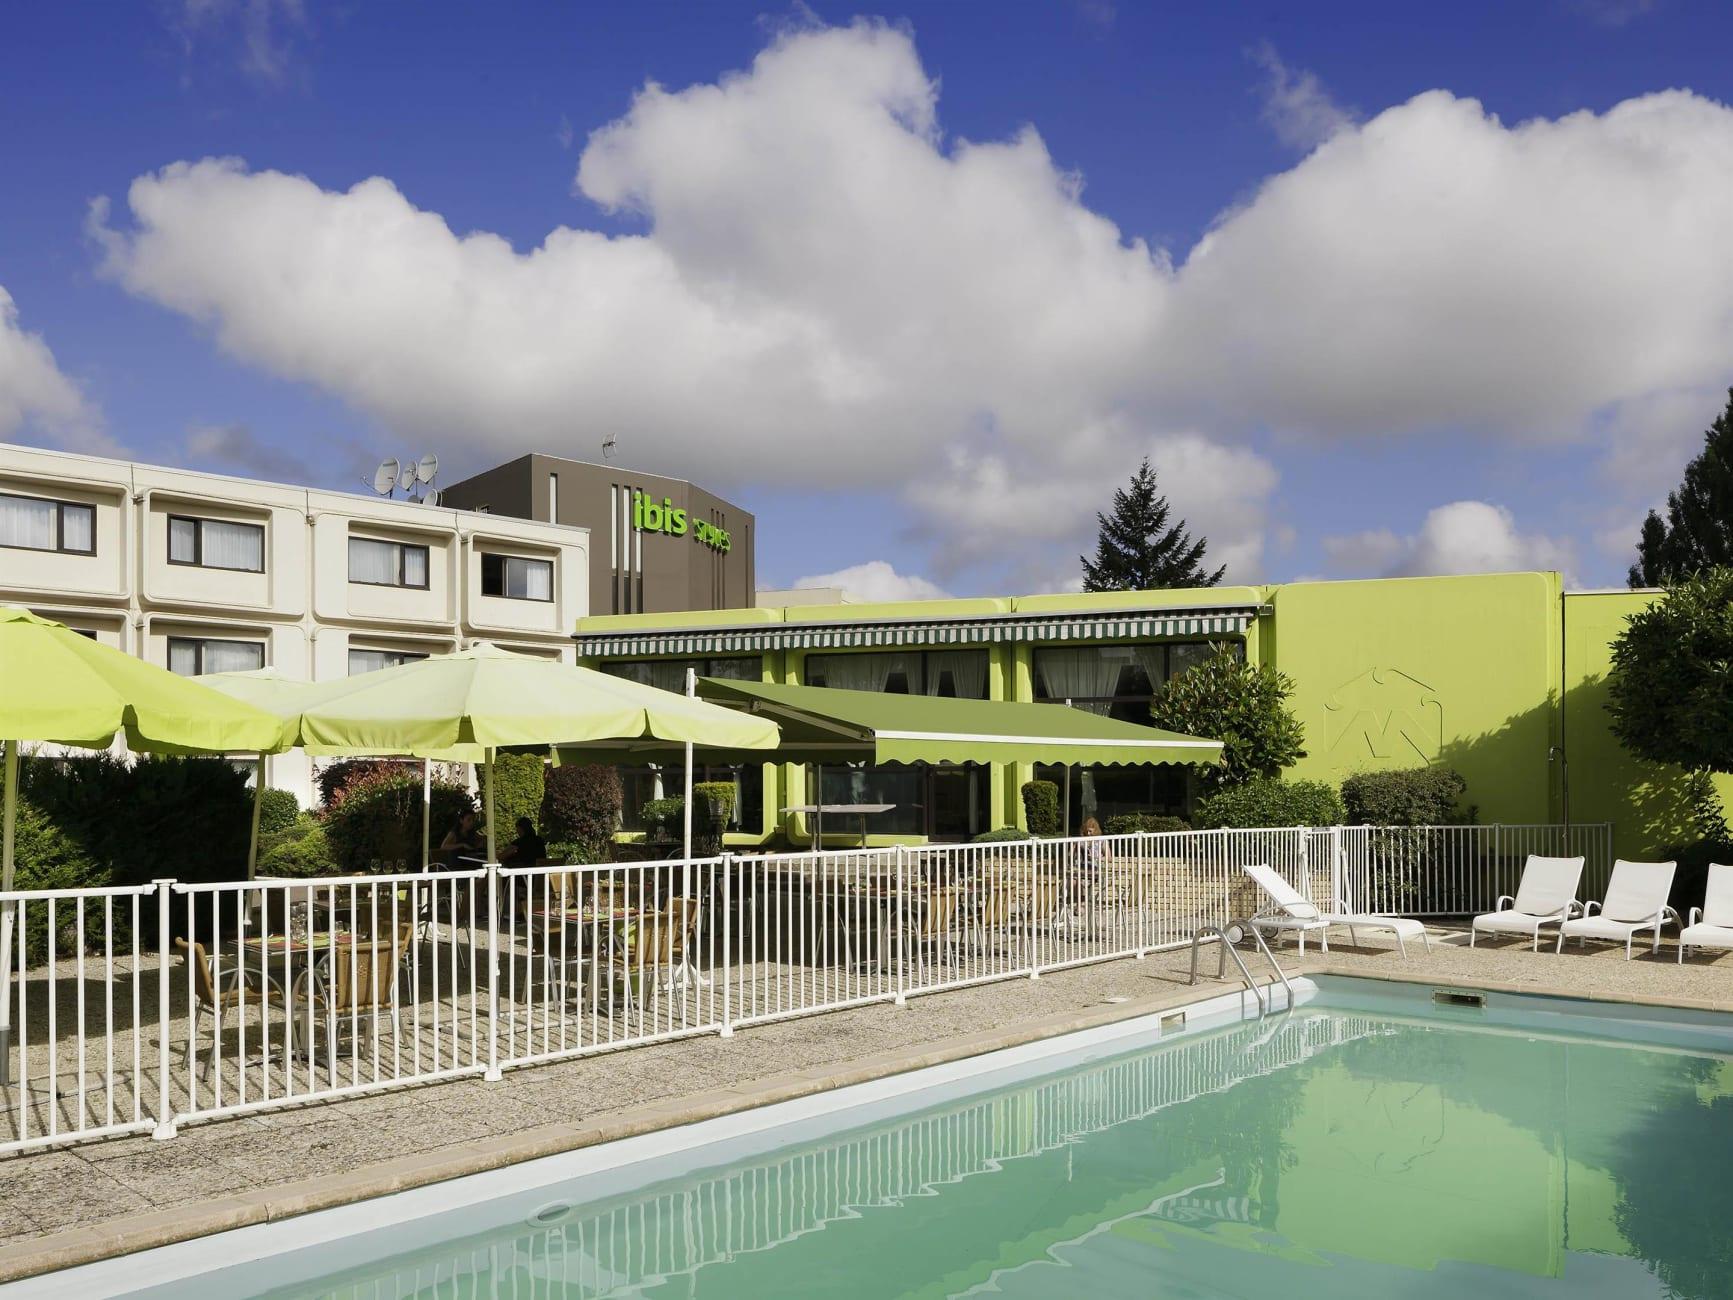 Otel Ibis Styles Chalon-Sur-Saône Hotel, Chalon-Sur-Saône ... tout Piscine Chalon Sur Saone